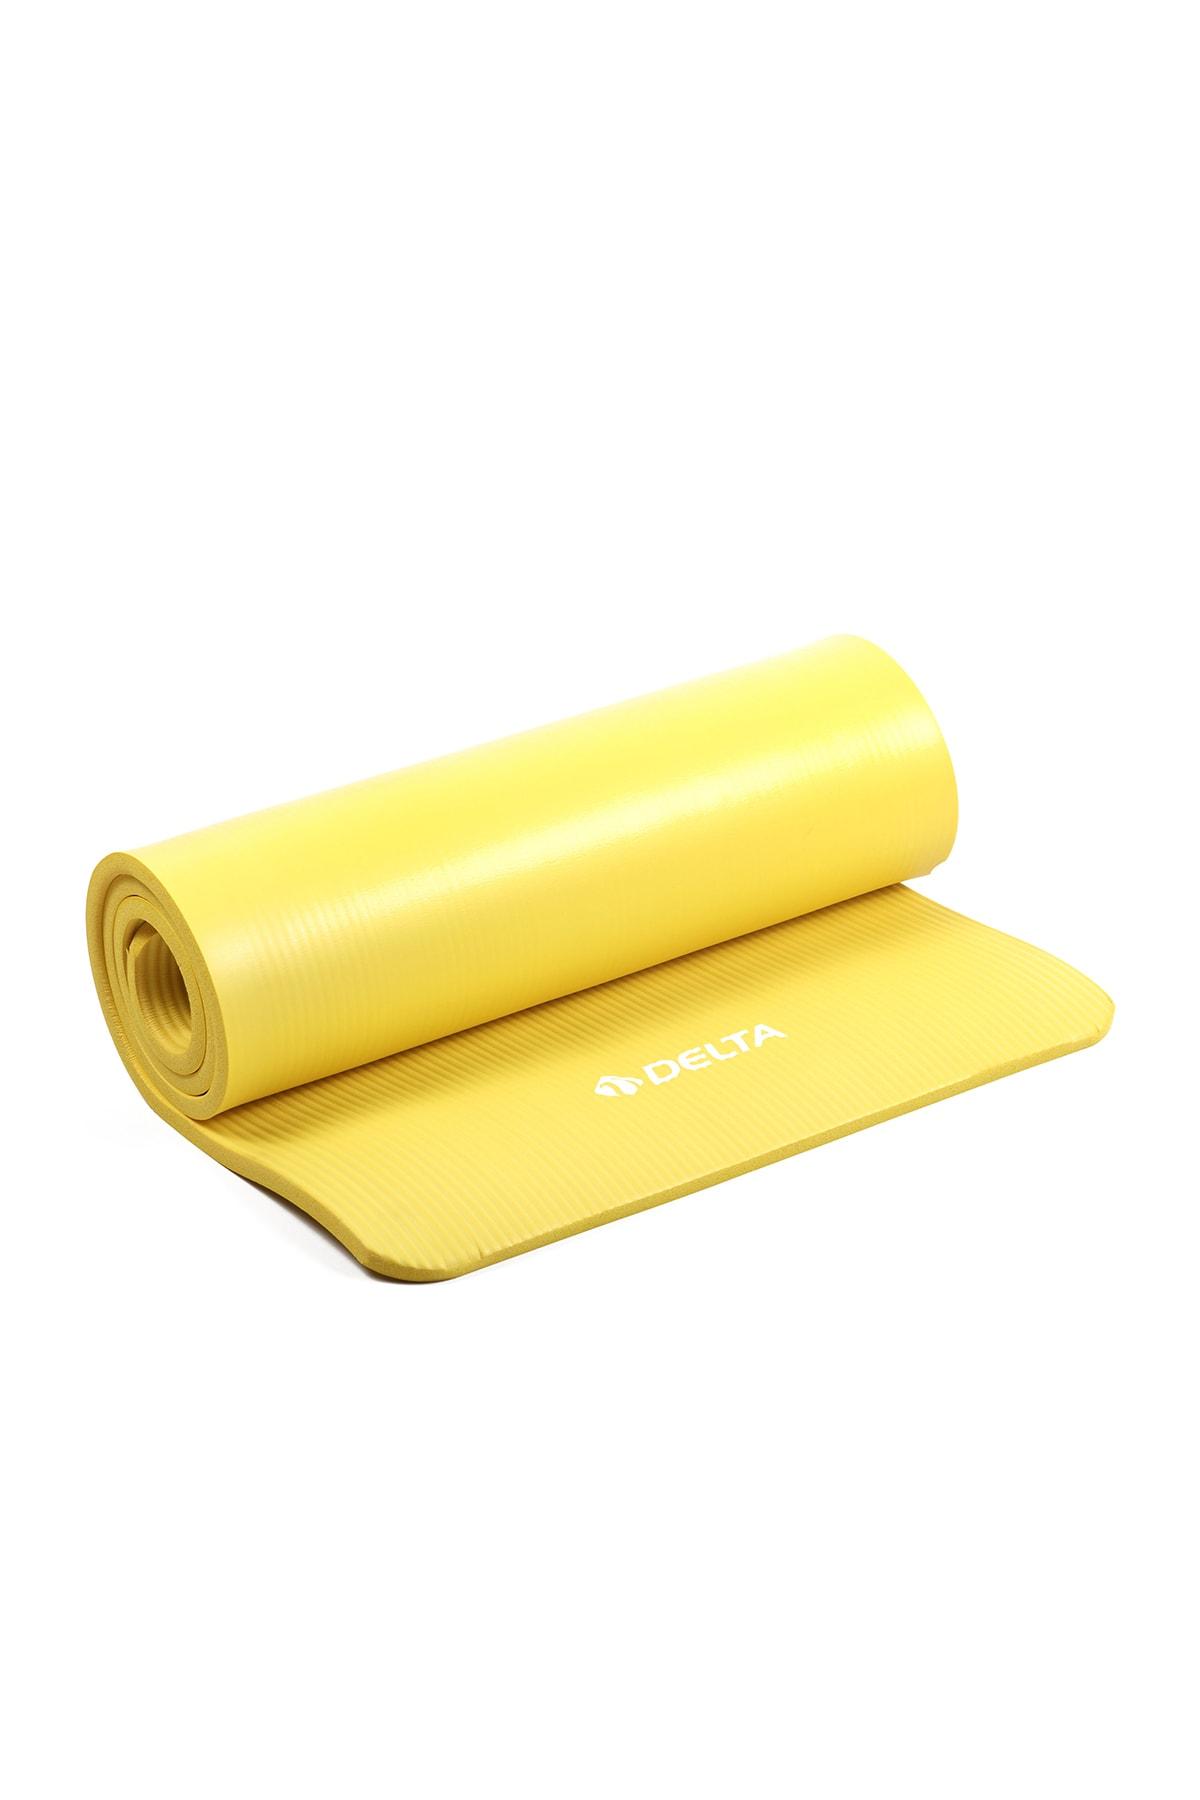 Delta Konfor Zemin 15 Mm Taşıma Askılı Pilates Minderi Yoga Matı 1